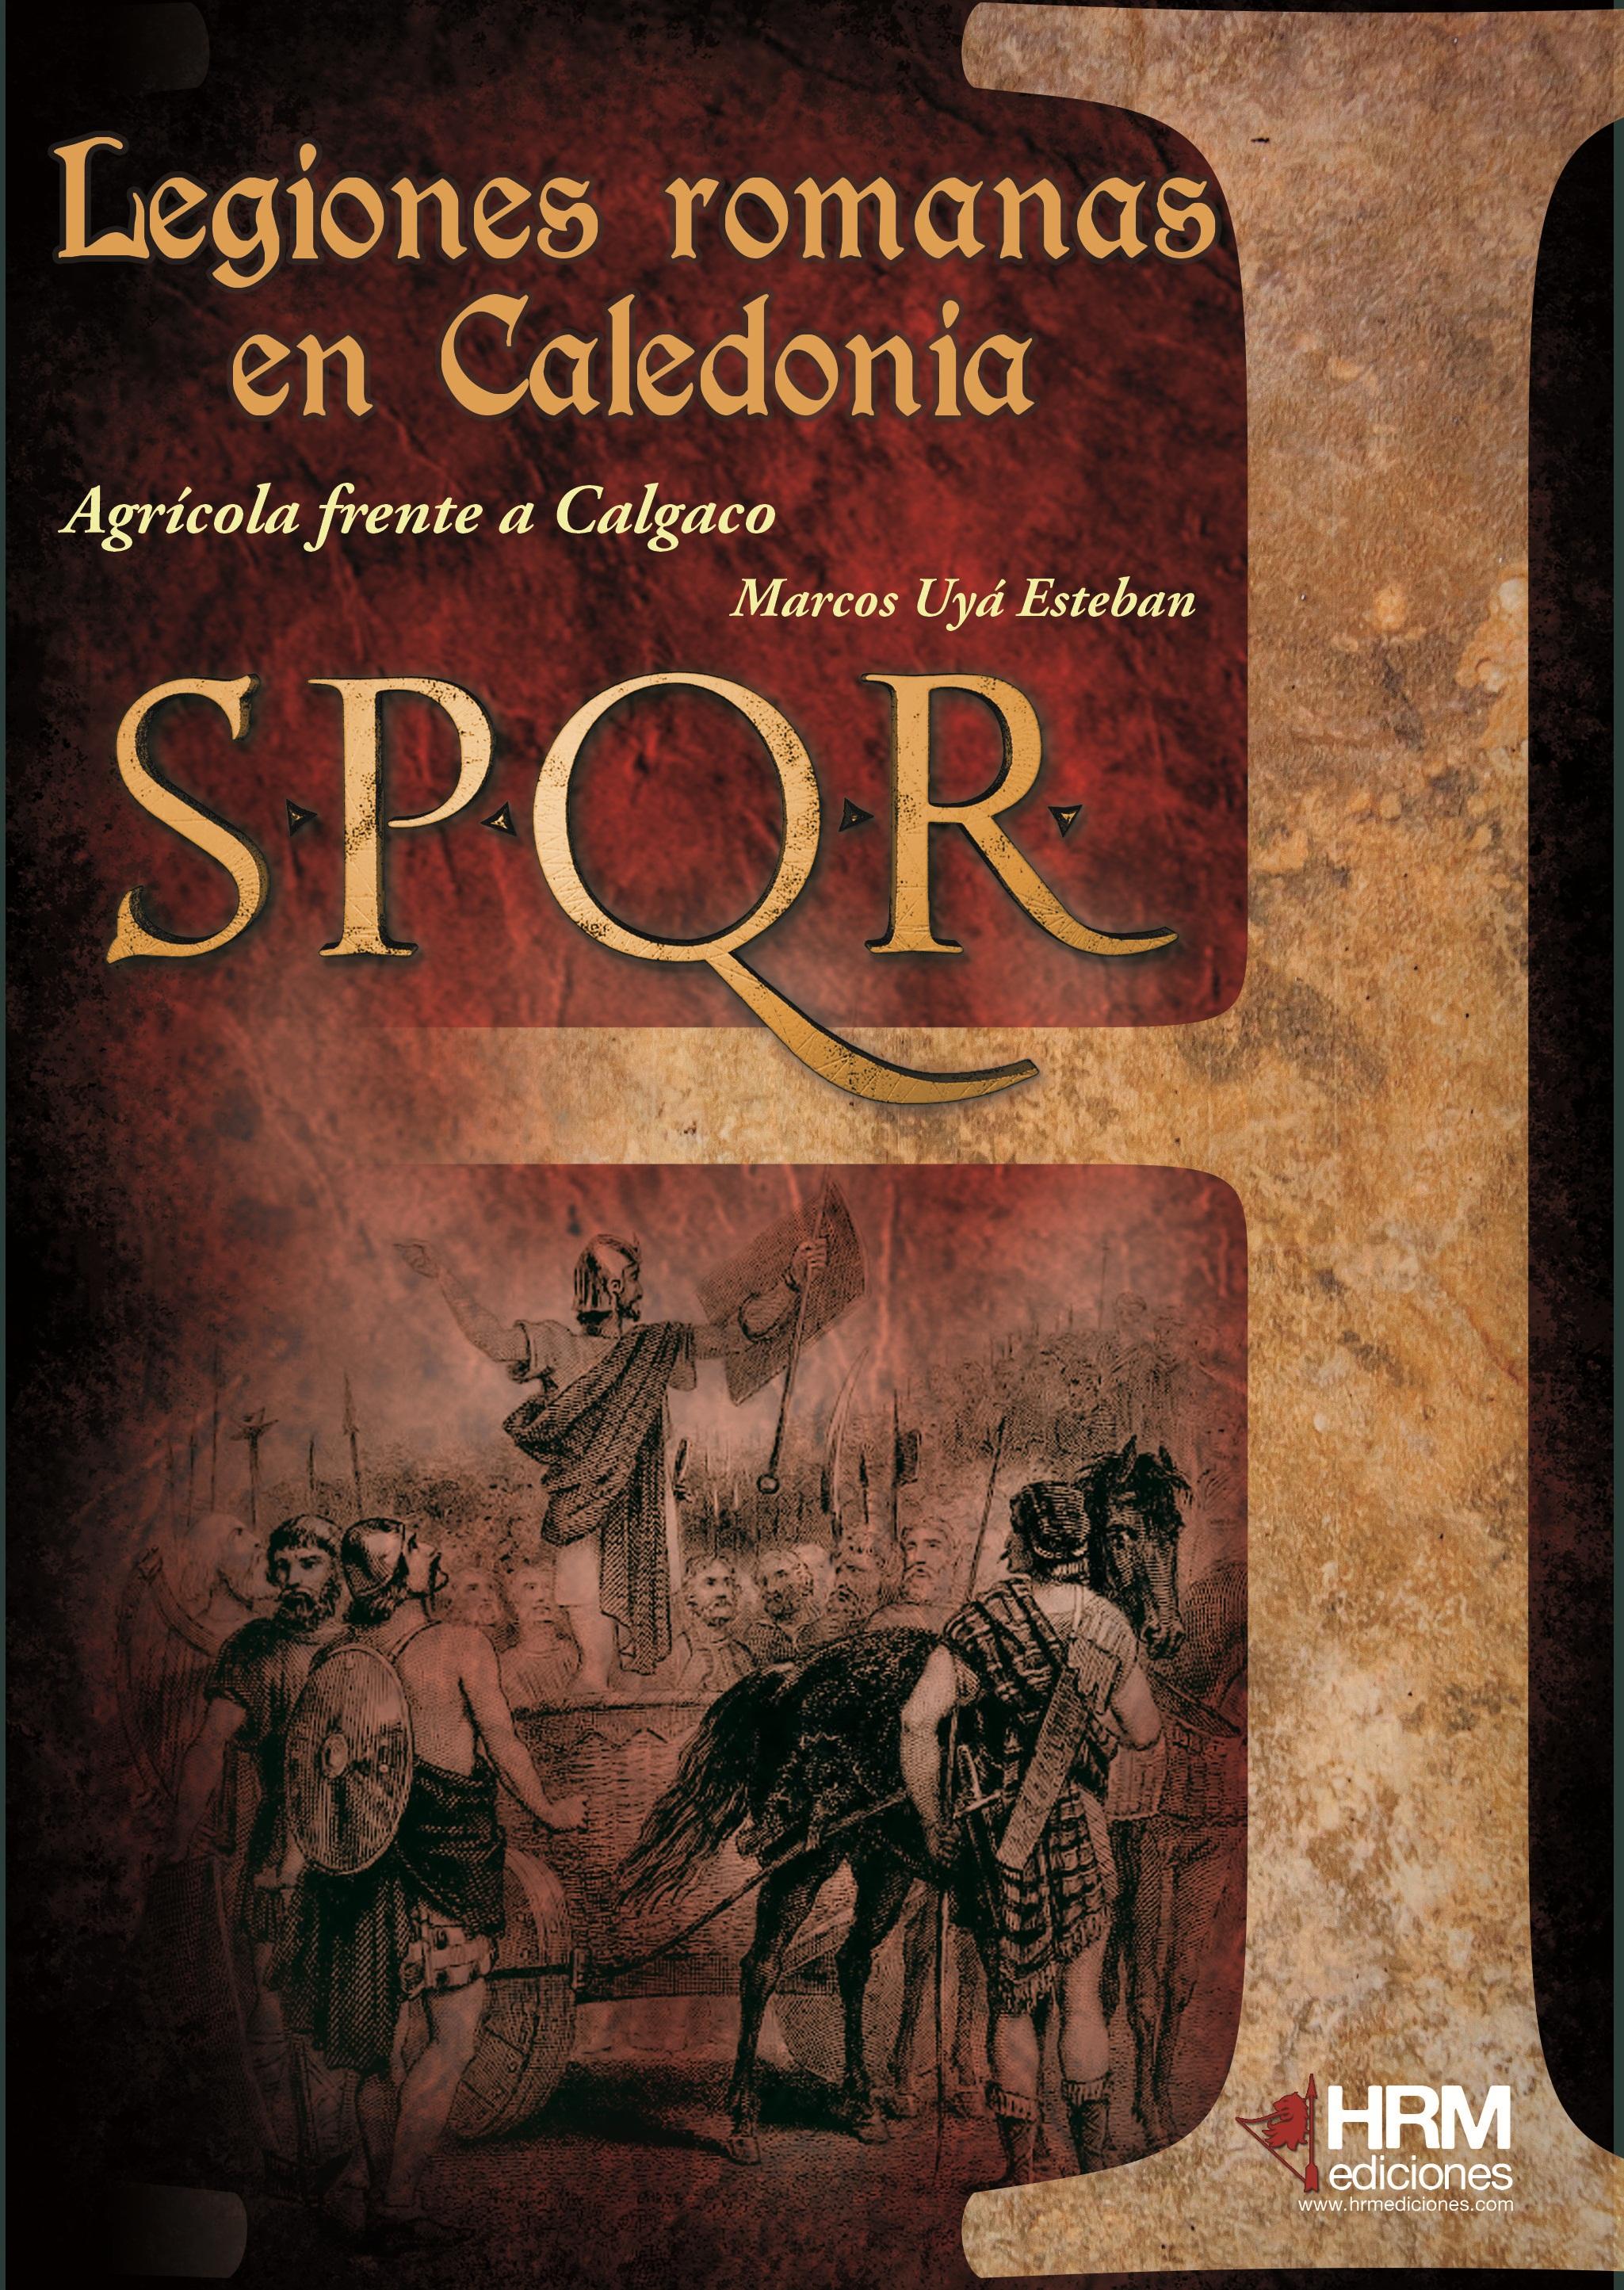 HPortada Legiones en Caledonia (1)